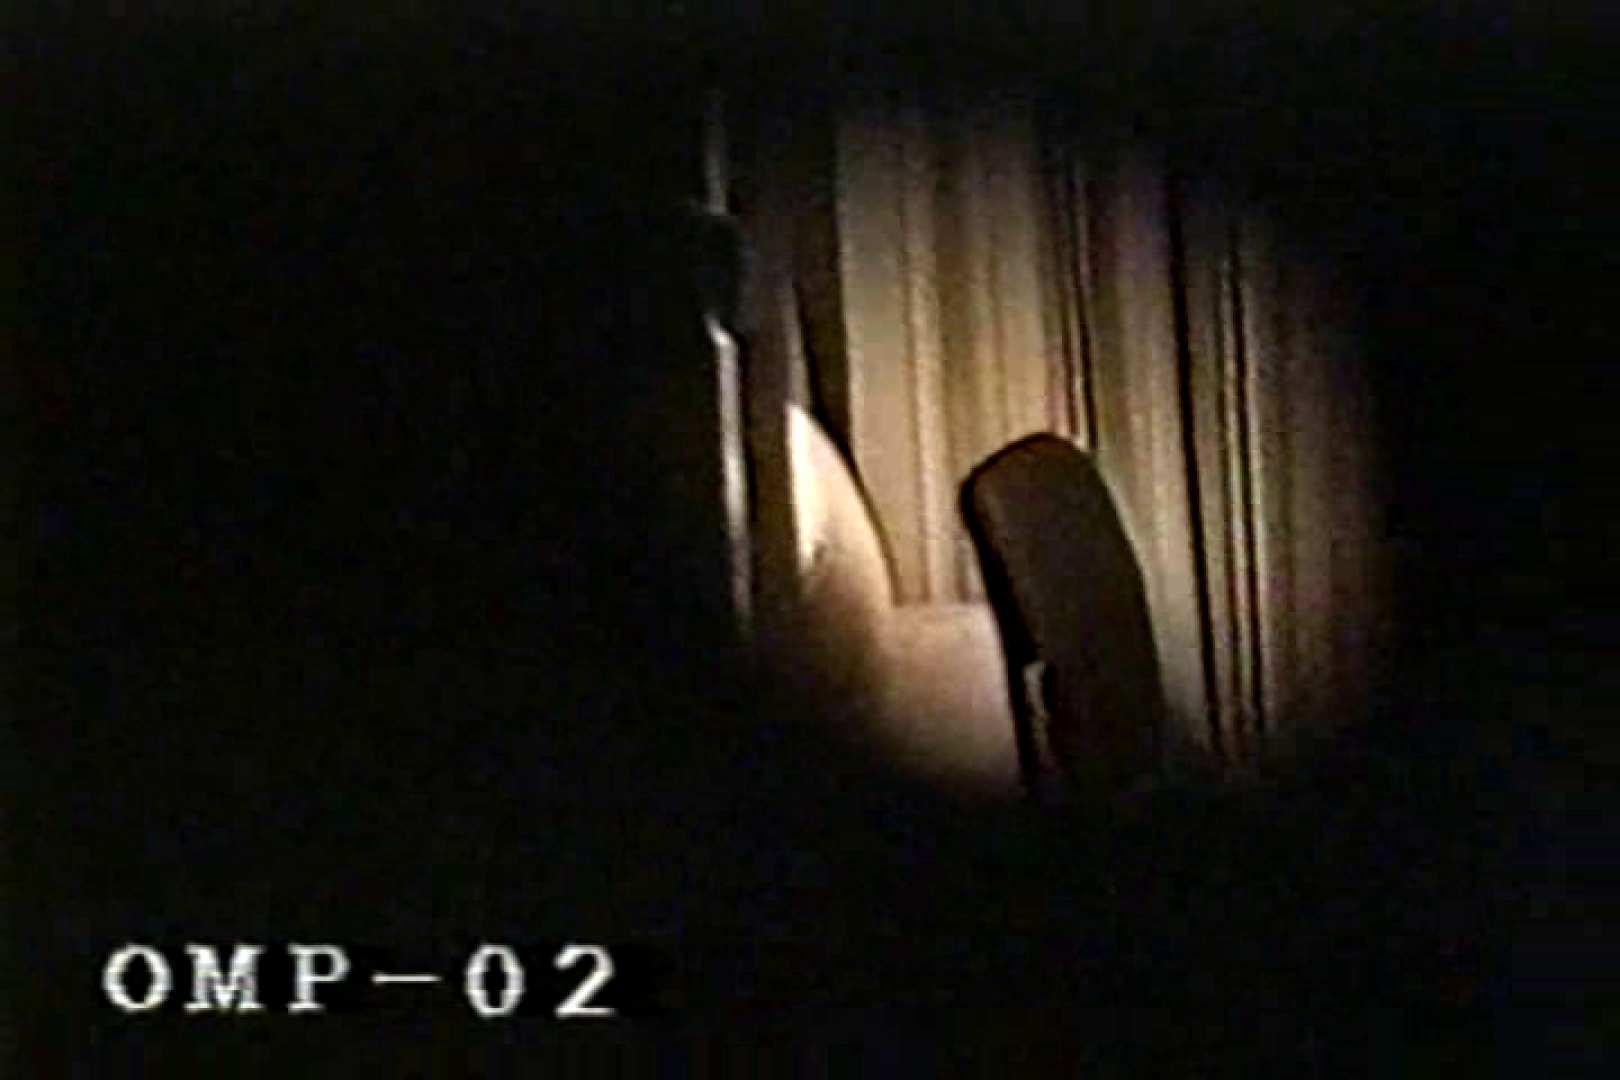 究極の民家覗き撮りVol.2 ホテルでエッチ 盗み撮りSEX無修正画像 50pic 46